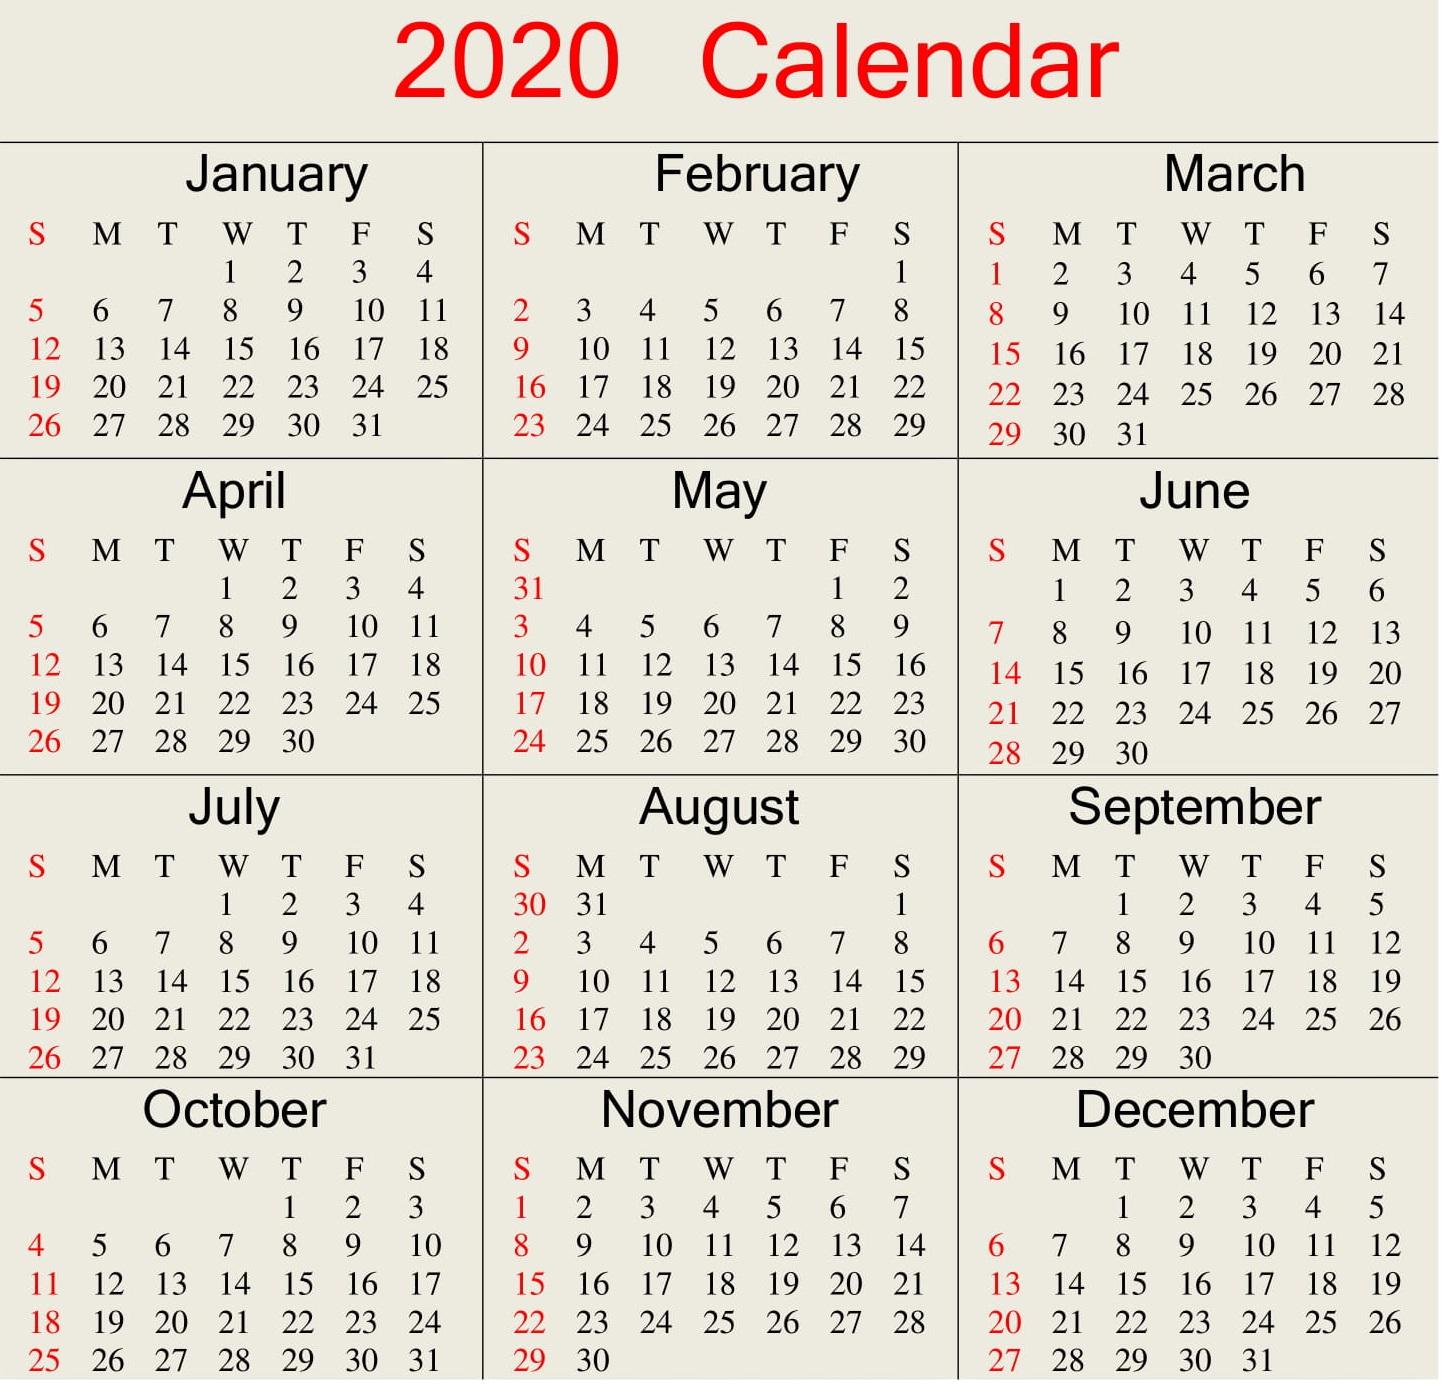 Catch Julian Calendar For November And December 2020 with 2018 Julian Calendar Quadax